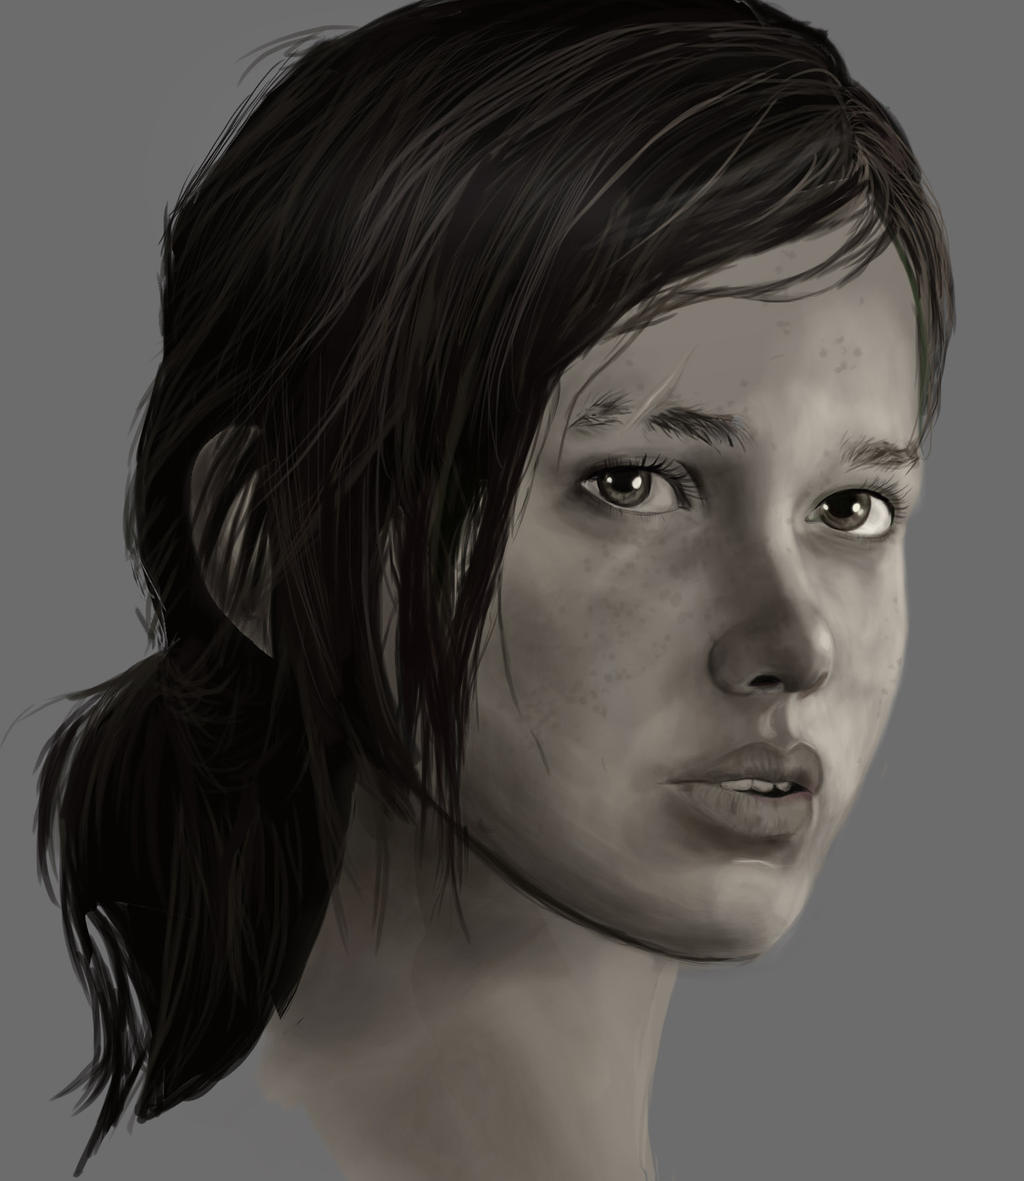 Ellie Face by TheThrillKillKult